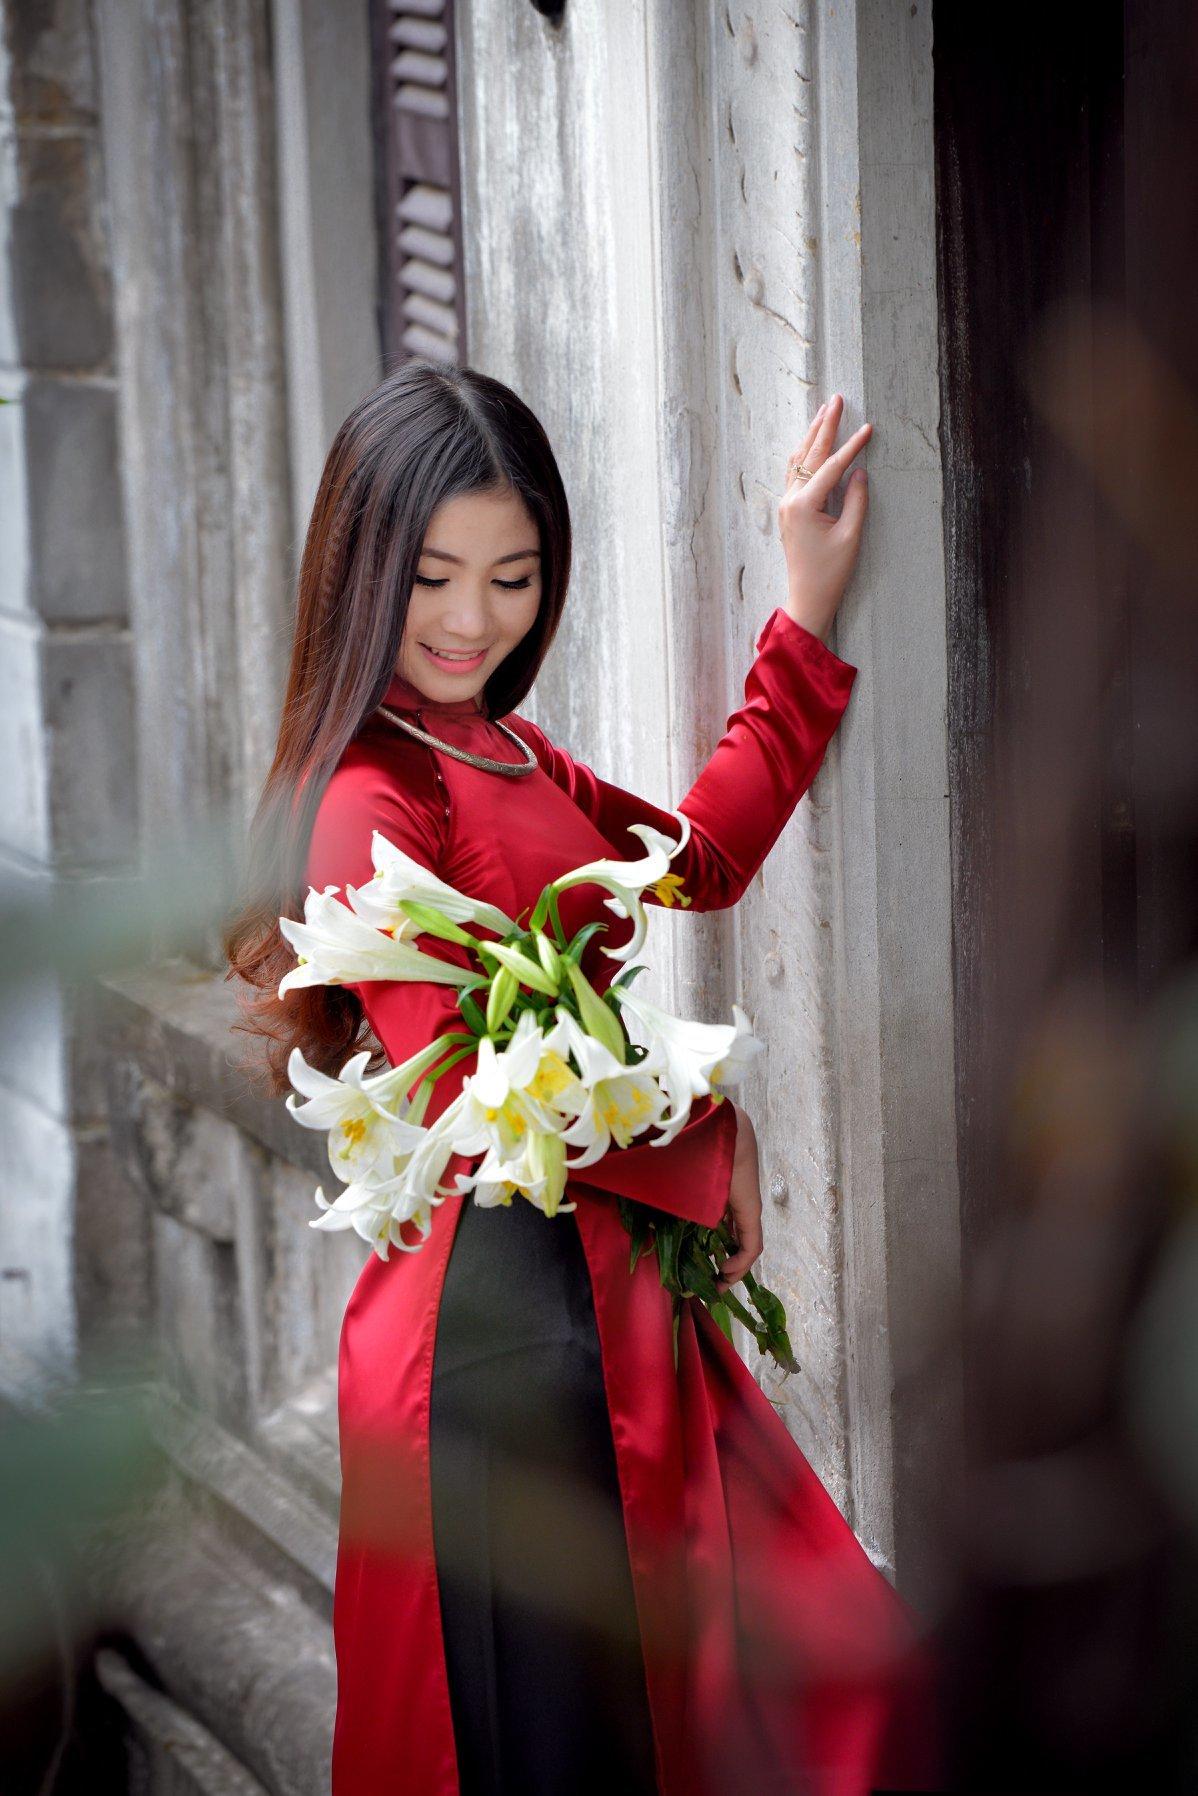 Các cách tạo dáng đẹp khi chụp ảnh với áo dài tôn vinh đường cong, thần thái